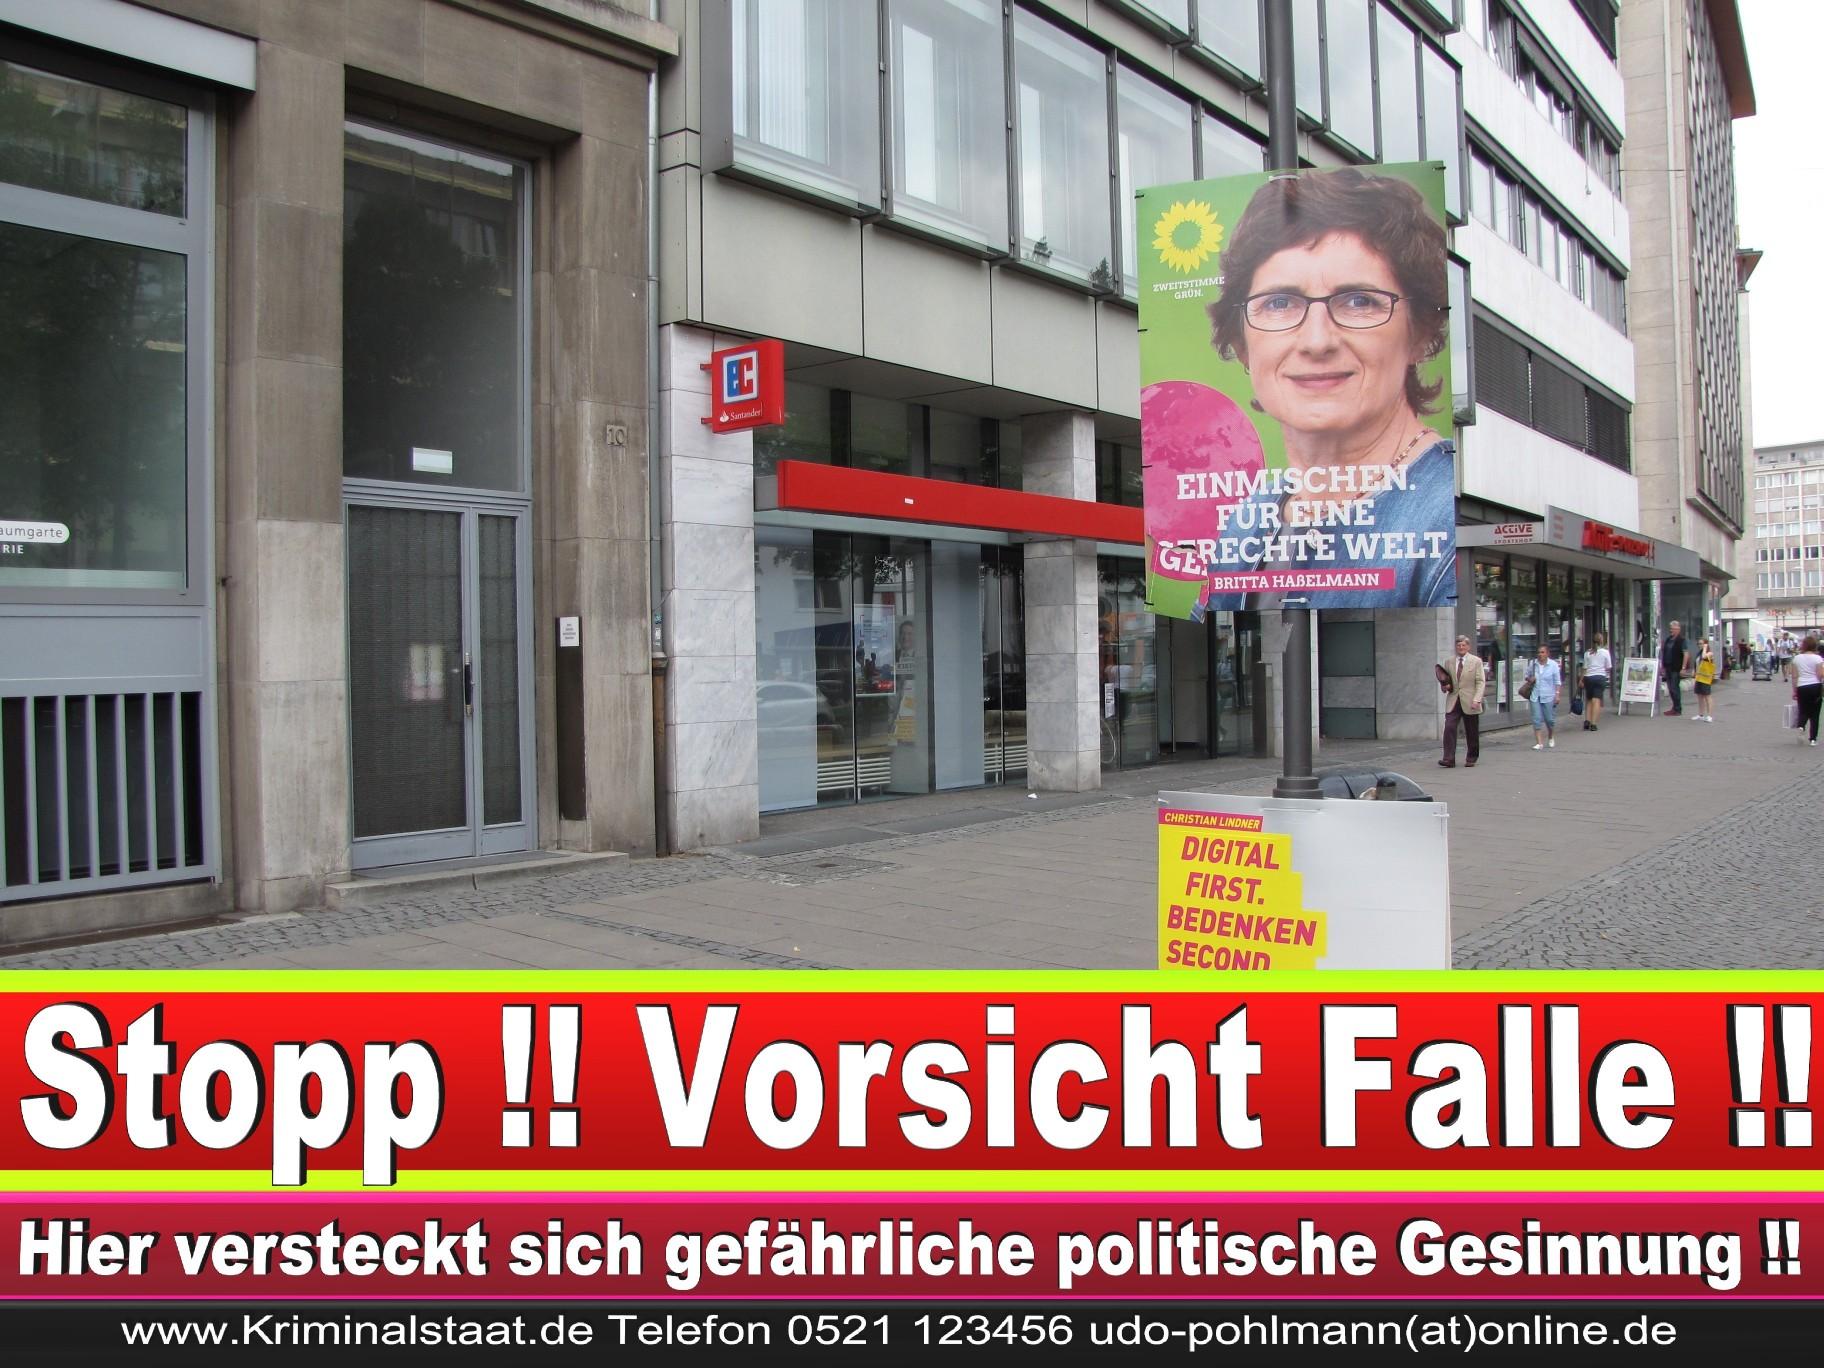 Wahlwerbung Wahlplakate Landtagswahl 2019 Europawahl CDU SPD FDP 2021 (28)